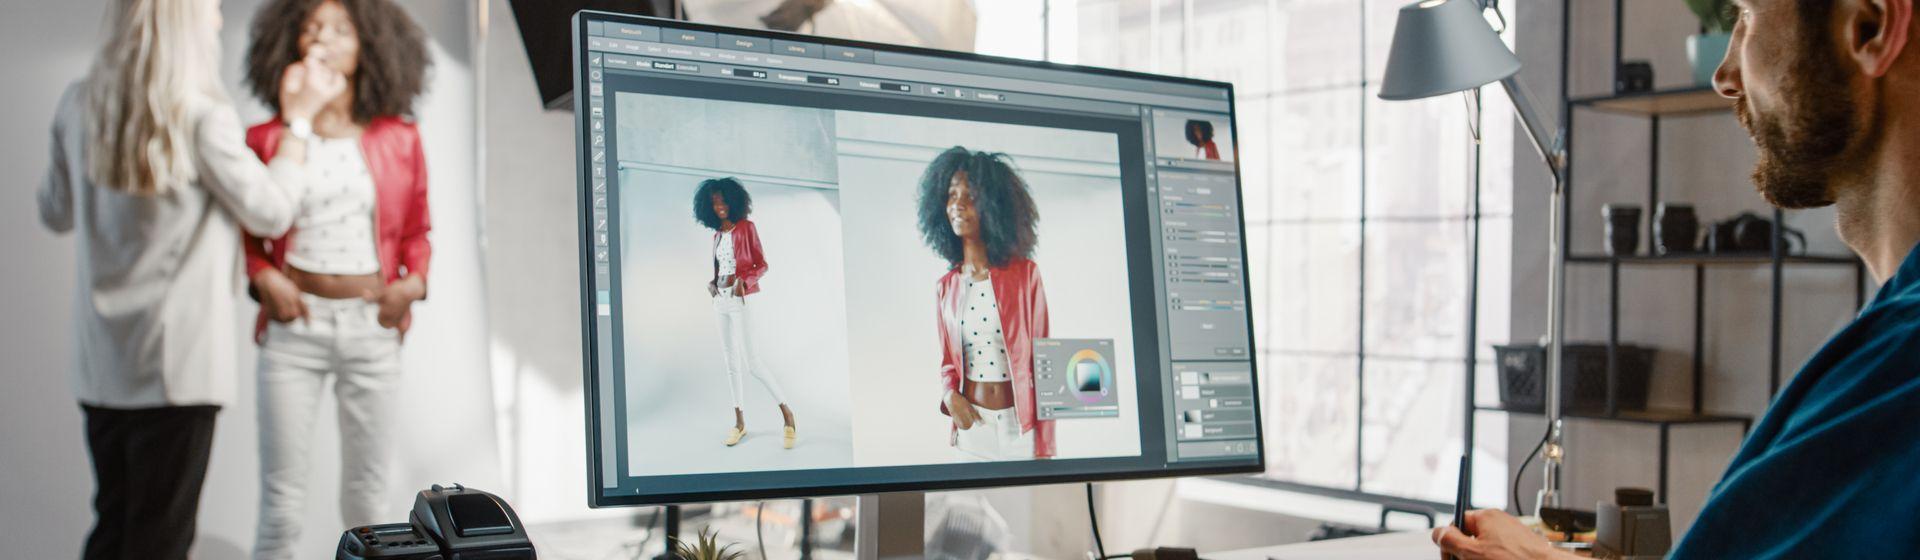 Photoshop online: como usar sites de edição de fotos na web